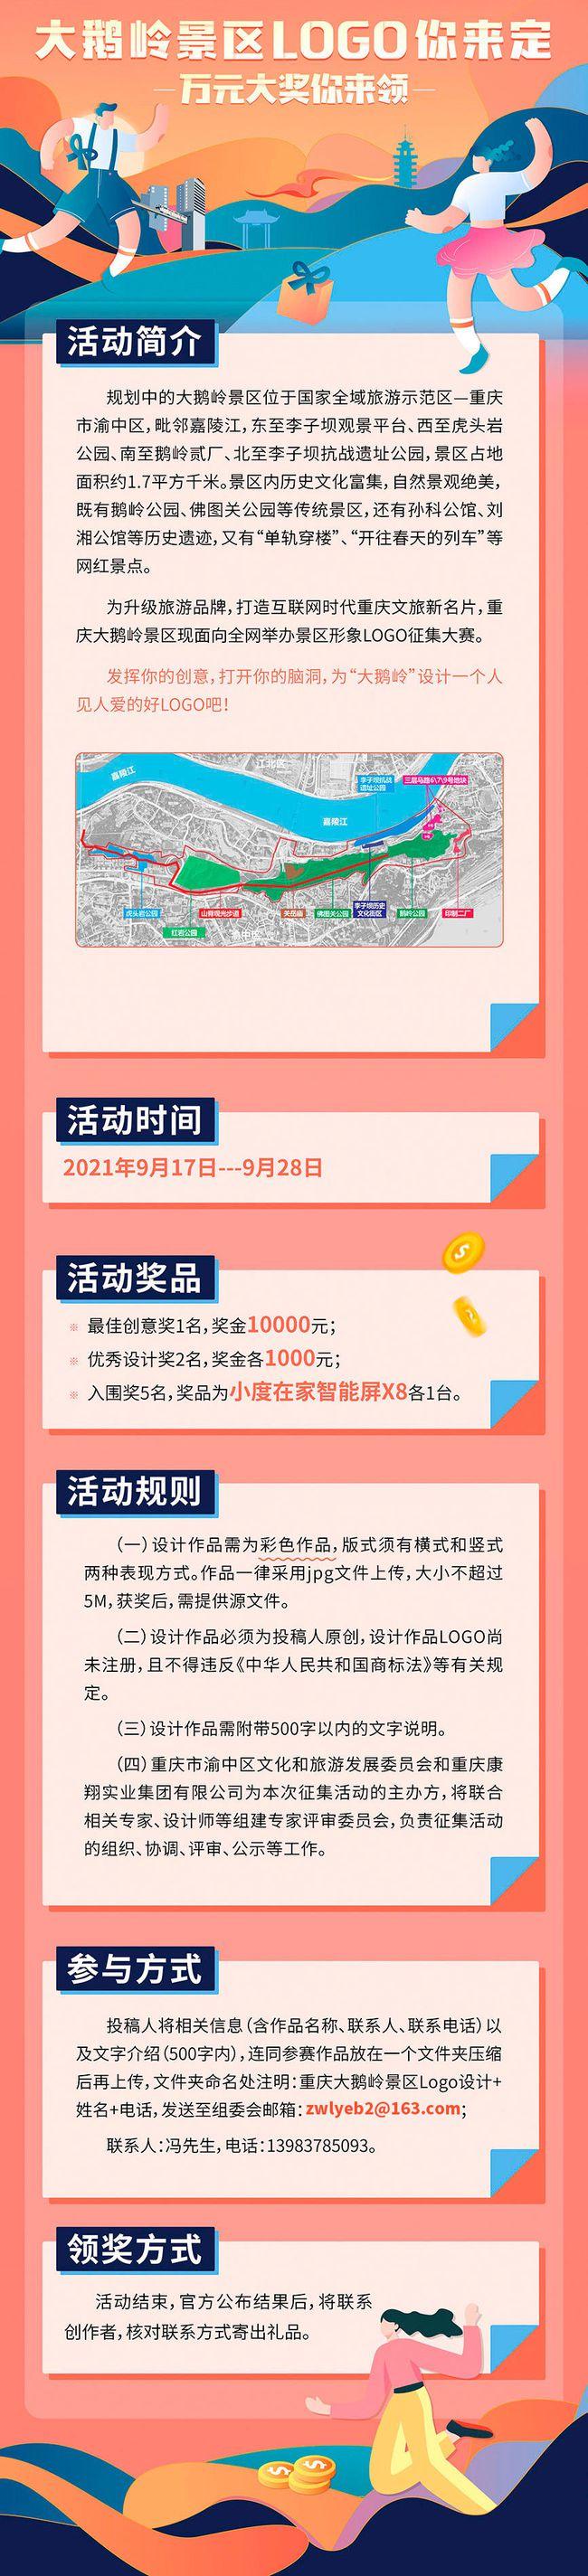 重庆大鹅岭景区征集LOGO